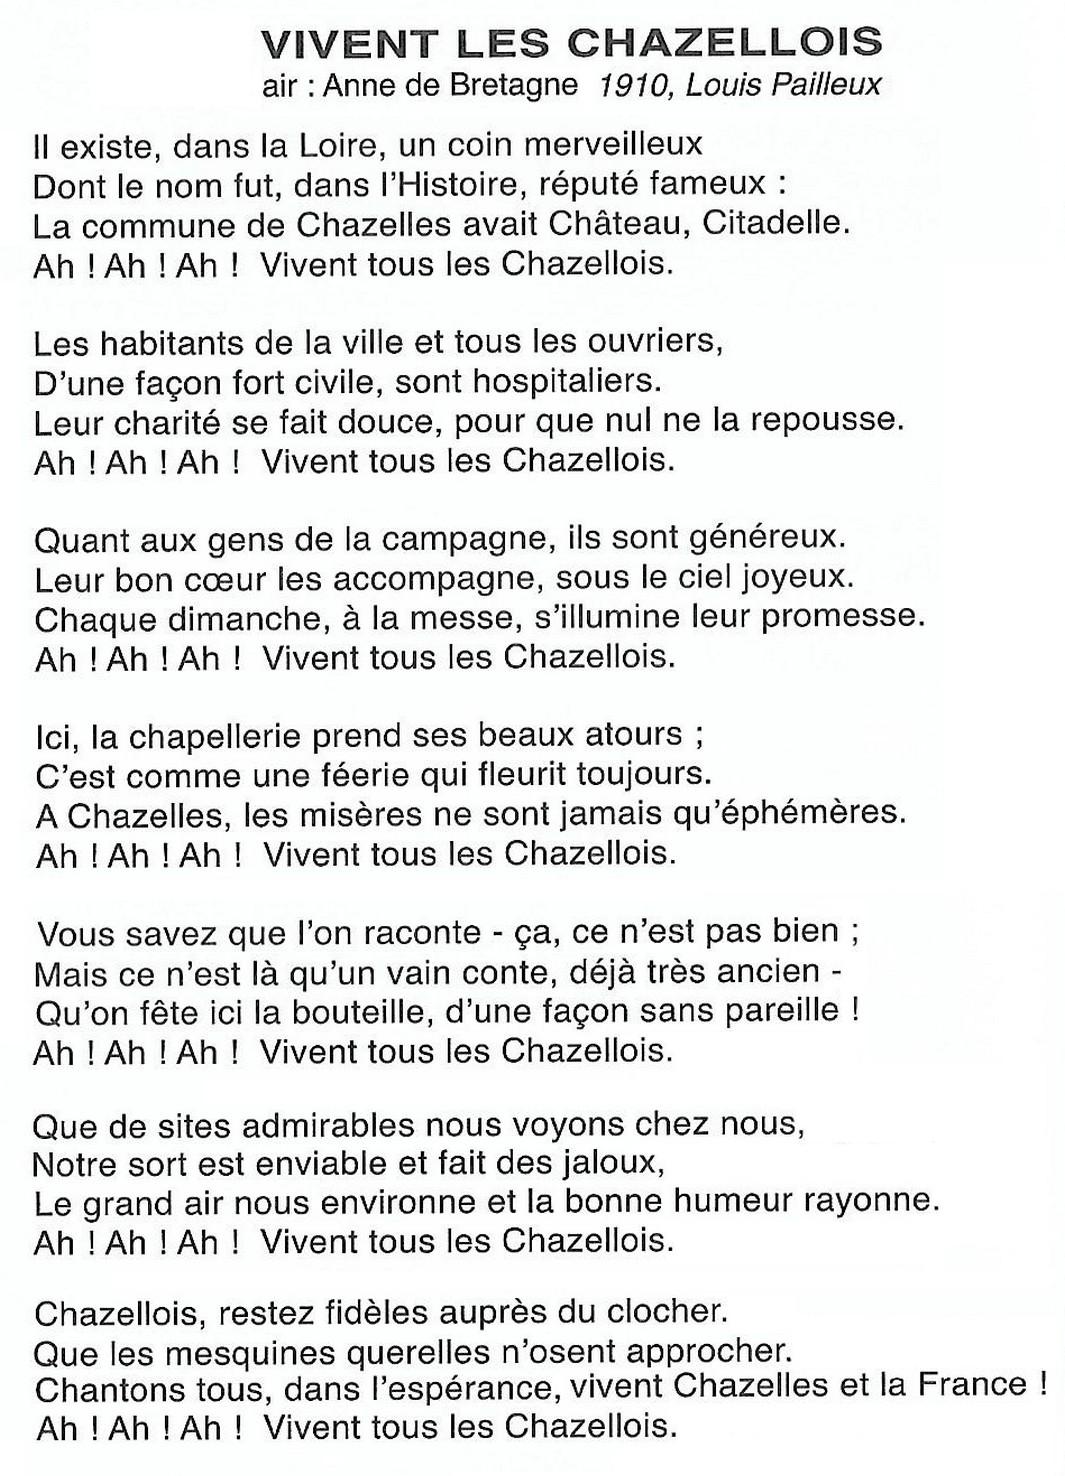 Chansons De Chazelles Patrimoine Et Histoire De Chazelles Sur Lyon